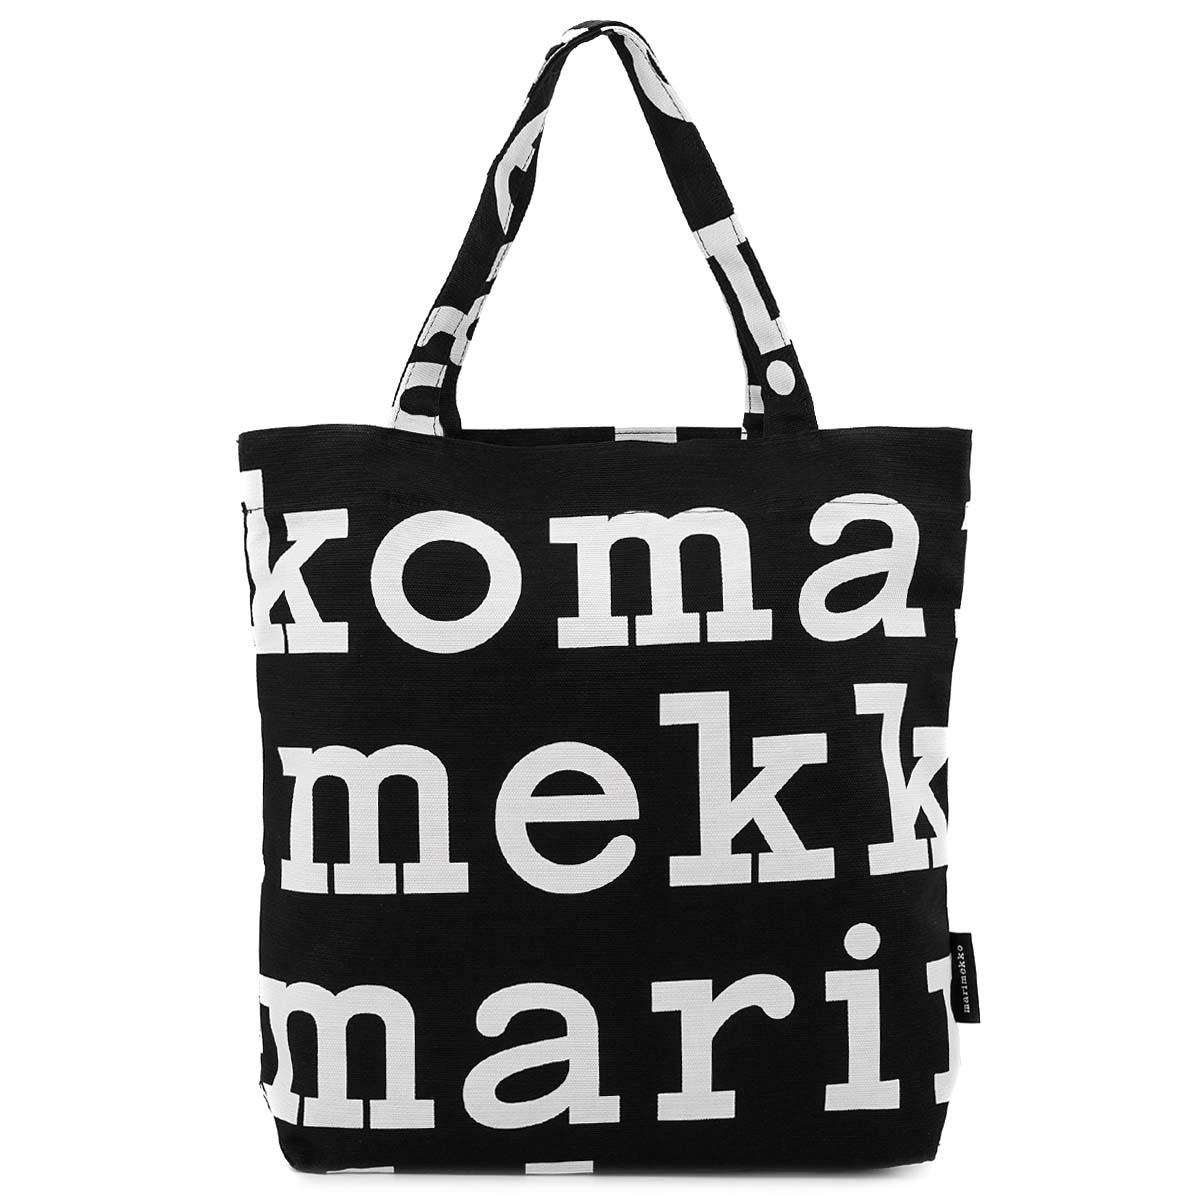 送料無料 marimekko マリメッコ レディース トートバッグ 新着 お買い物マラソン ポイント5倍 OFF 911 LOGO BLACK 47312 WHITE 定番 NOTKO